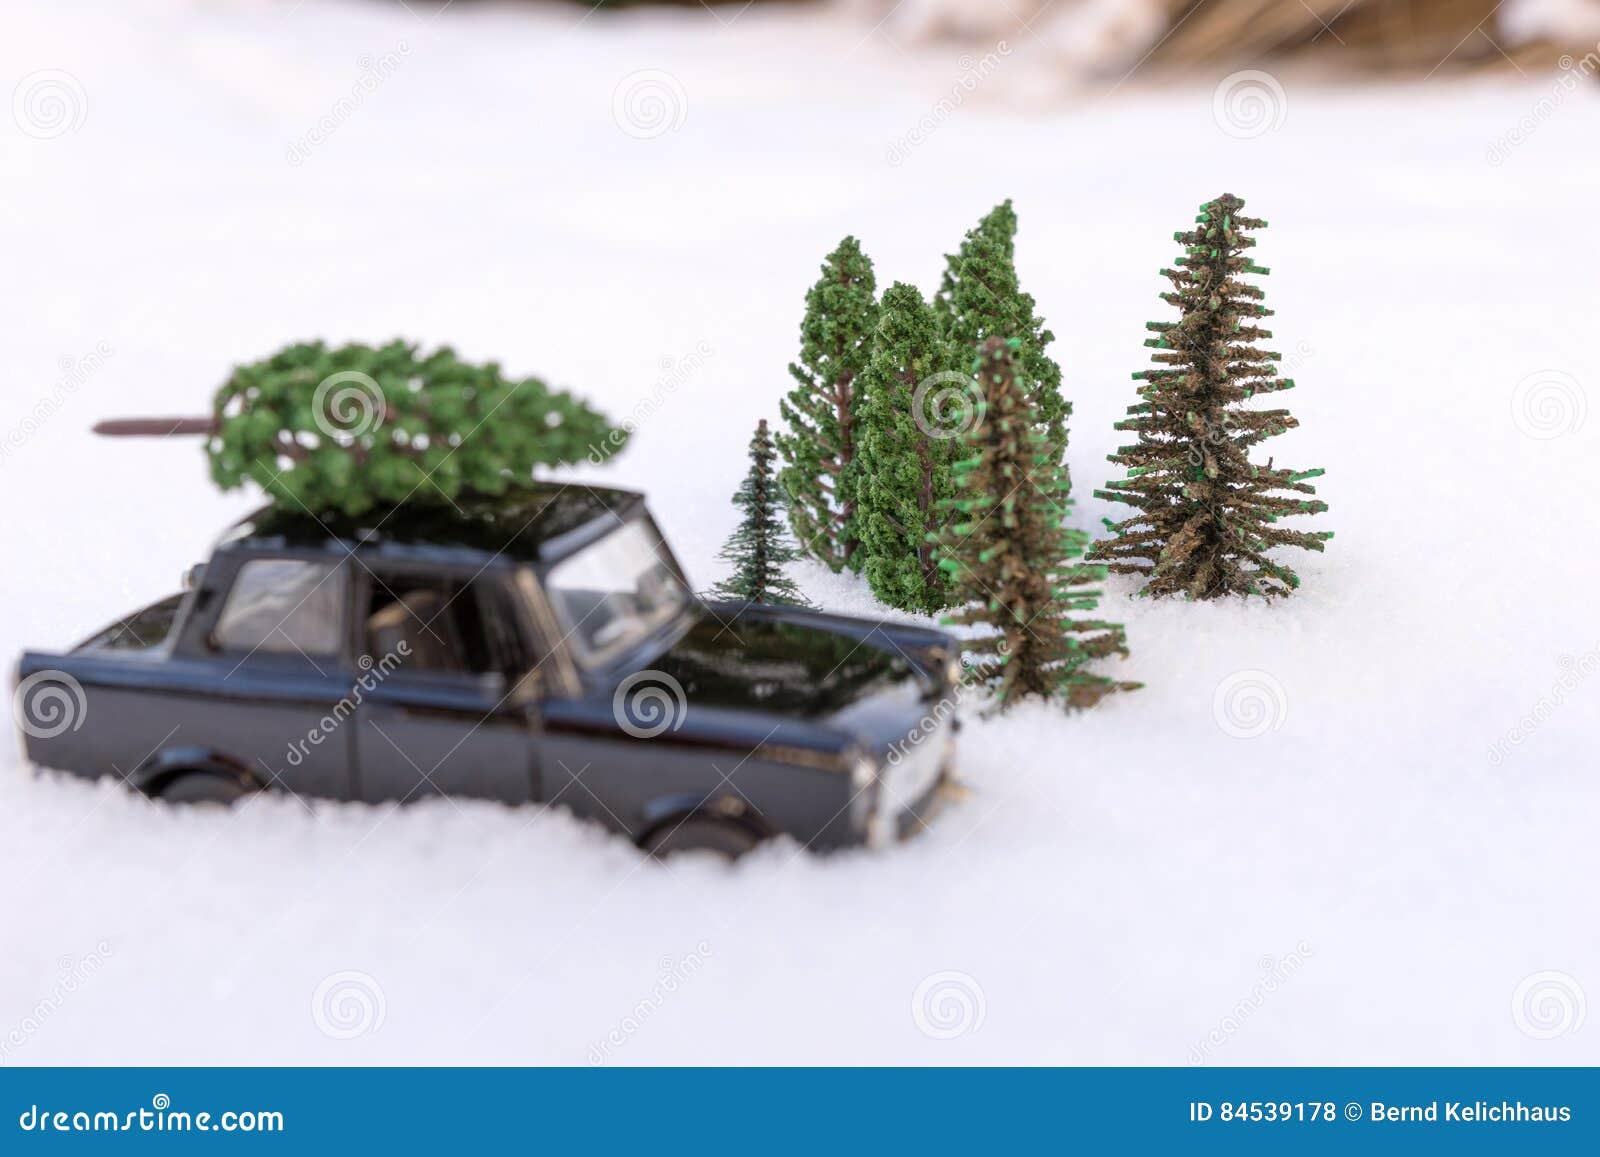 Auto Weihnachtsbaum.Auto Das Einen Weihnachtsbaum Im Immergrünen Miniaturwald